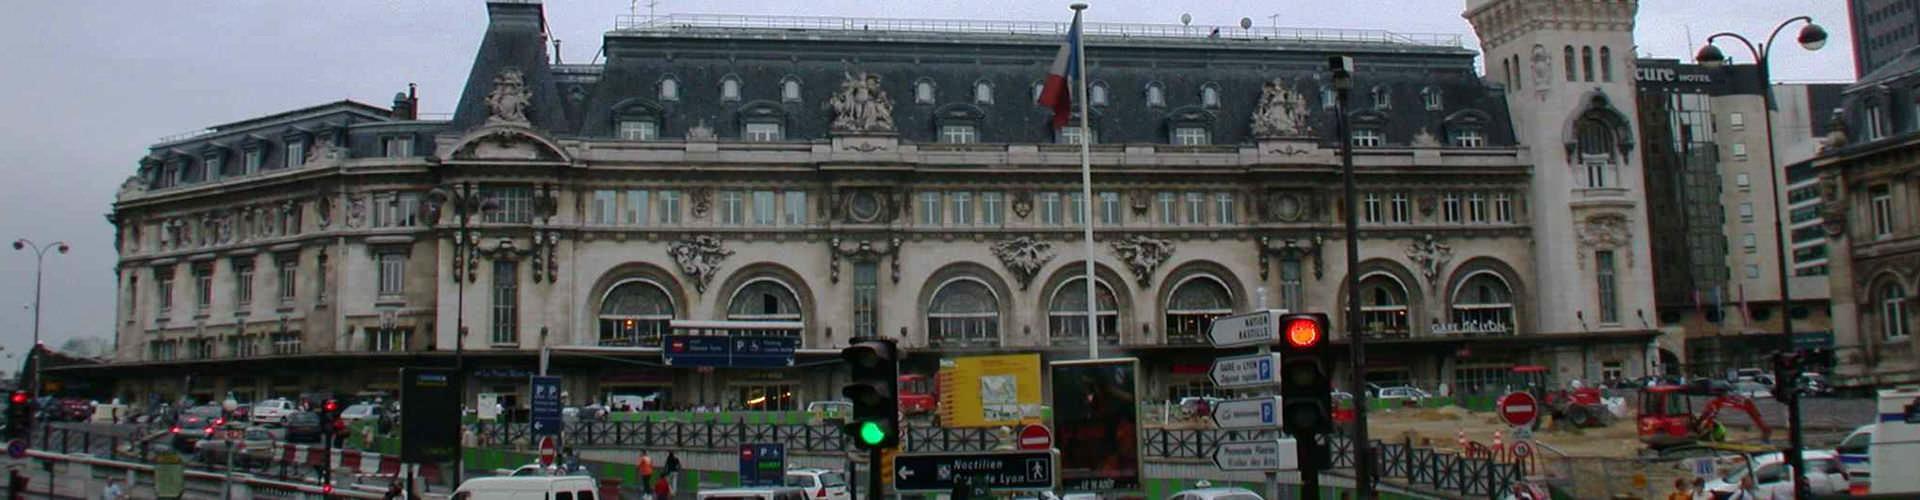 파리 - 리옹 역에 가까운 아파트. 파리의 지도, 파리에 위치한 아파트에 대한 사진 및 리뷰.